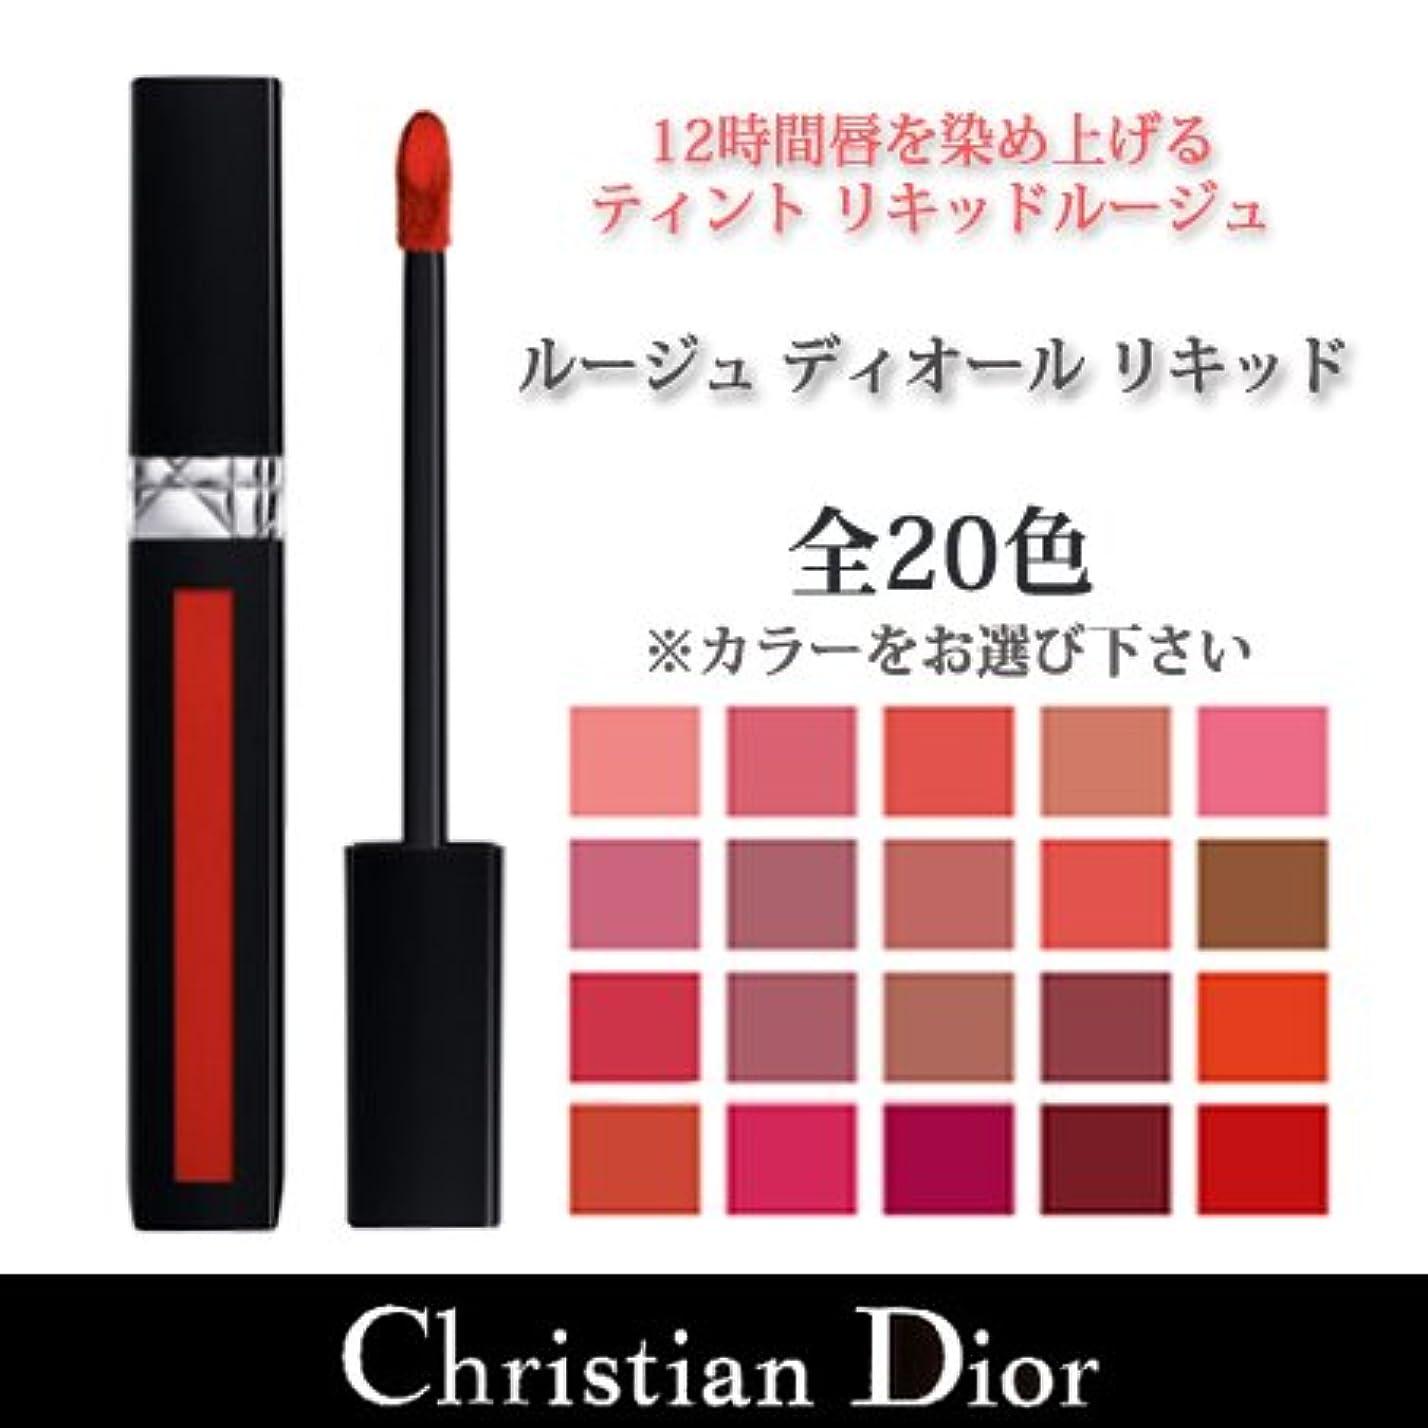 降伏楽しい滅びるディオール ルージュ ディオール リキッド 全20色 -Dior- 272